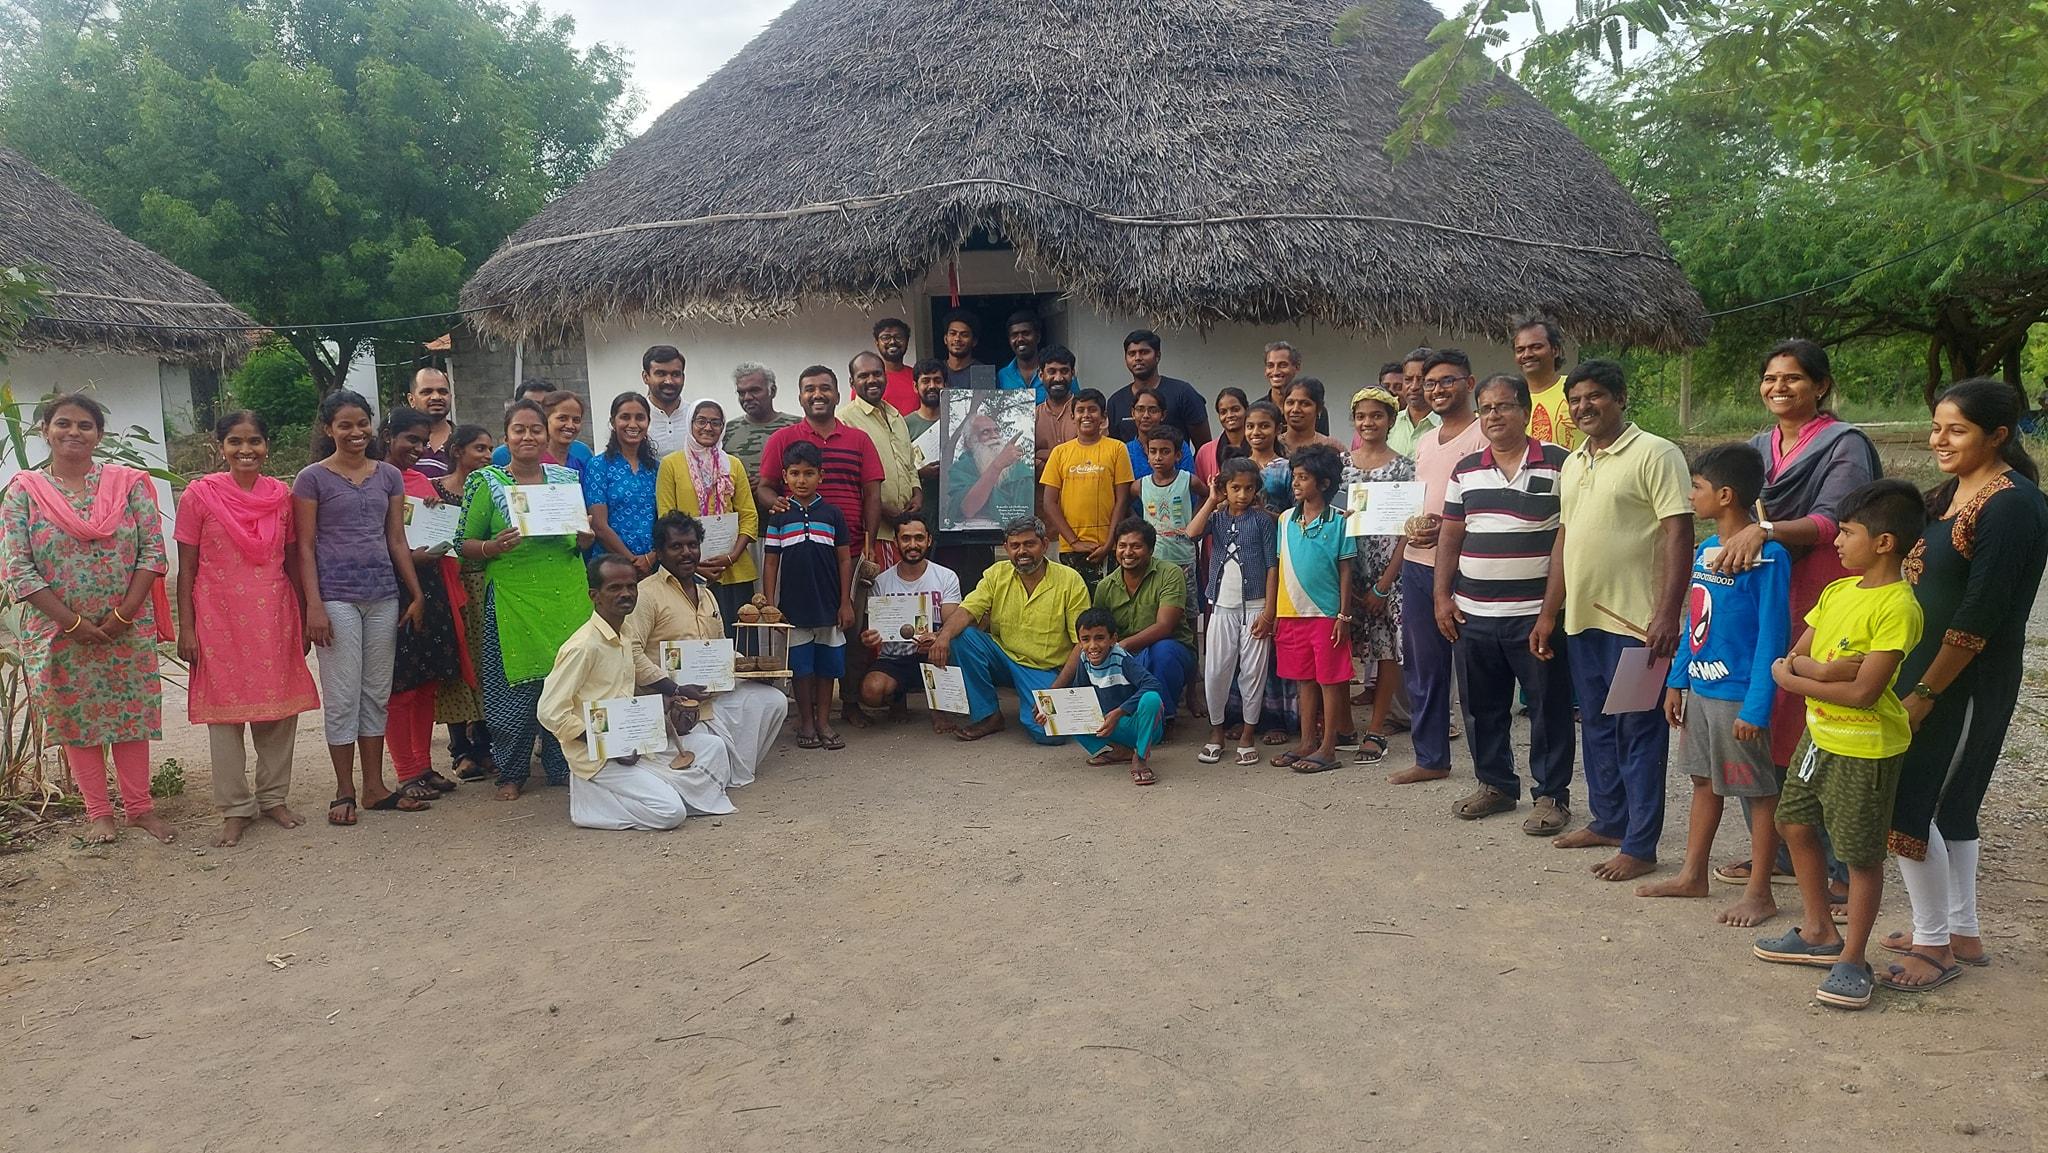 வானகத்தில் ஆகஸ்ட் 27, 28 நடைபெற்ற  மரபு கலை பயிற்சி